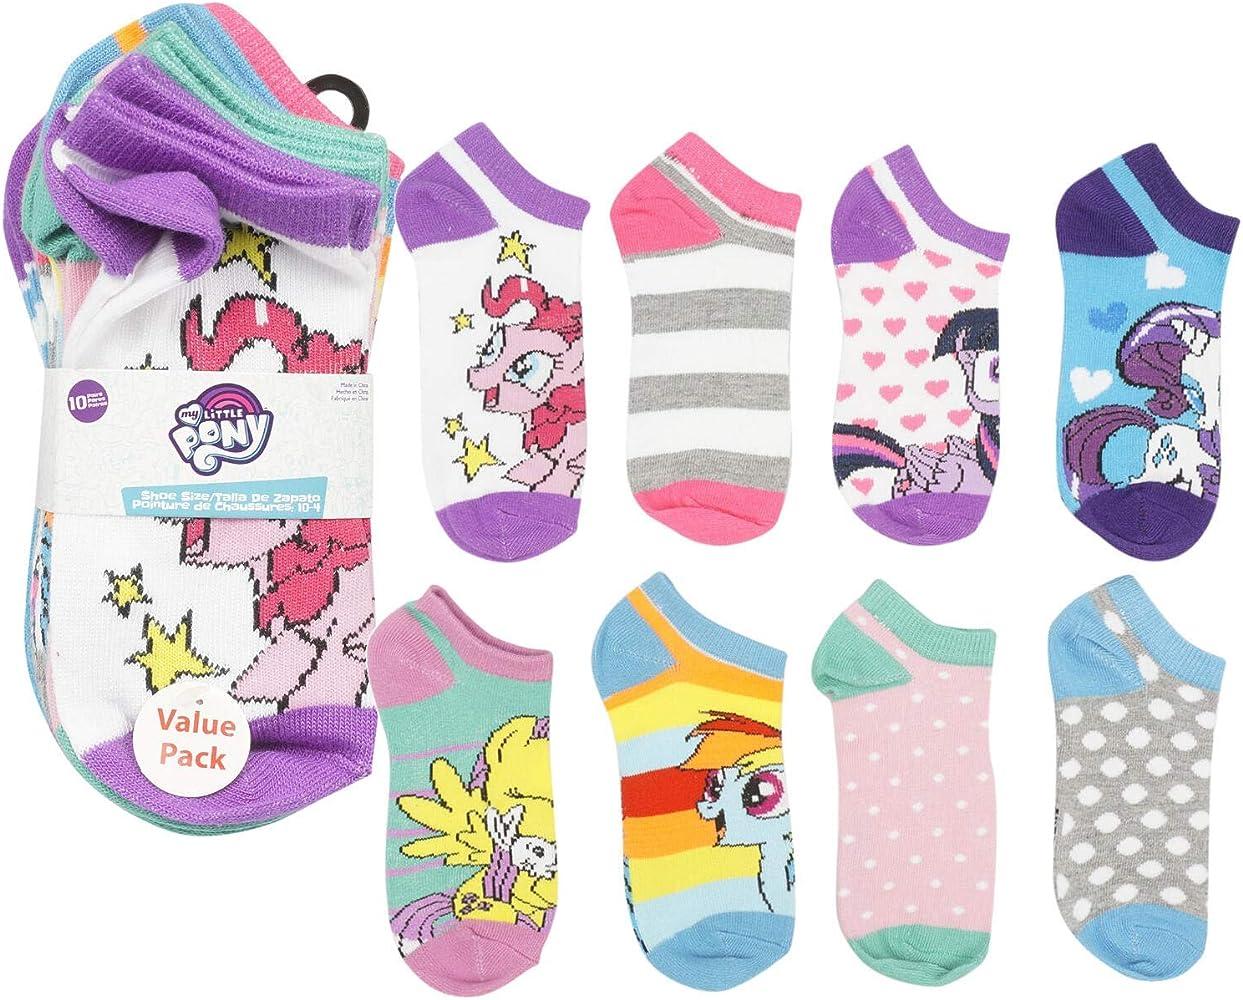 Size 6.5-4.5 BNWT Tu Grey Socks X 10 Pairs Girls